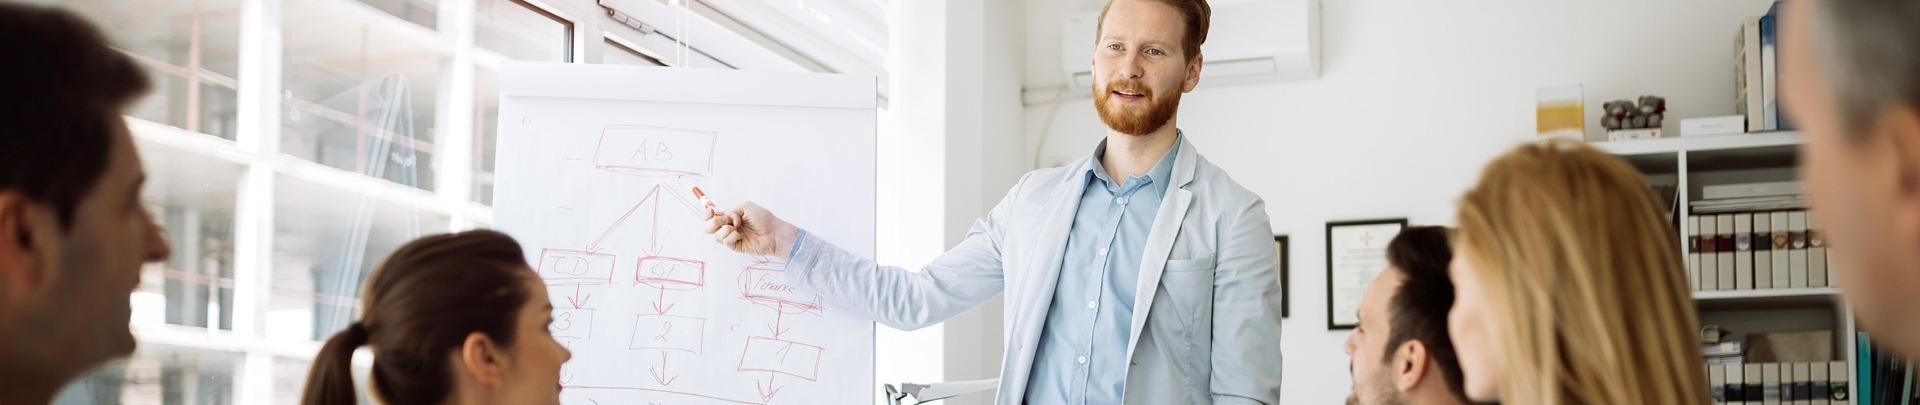 Consultant geeft presentatie